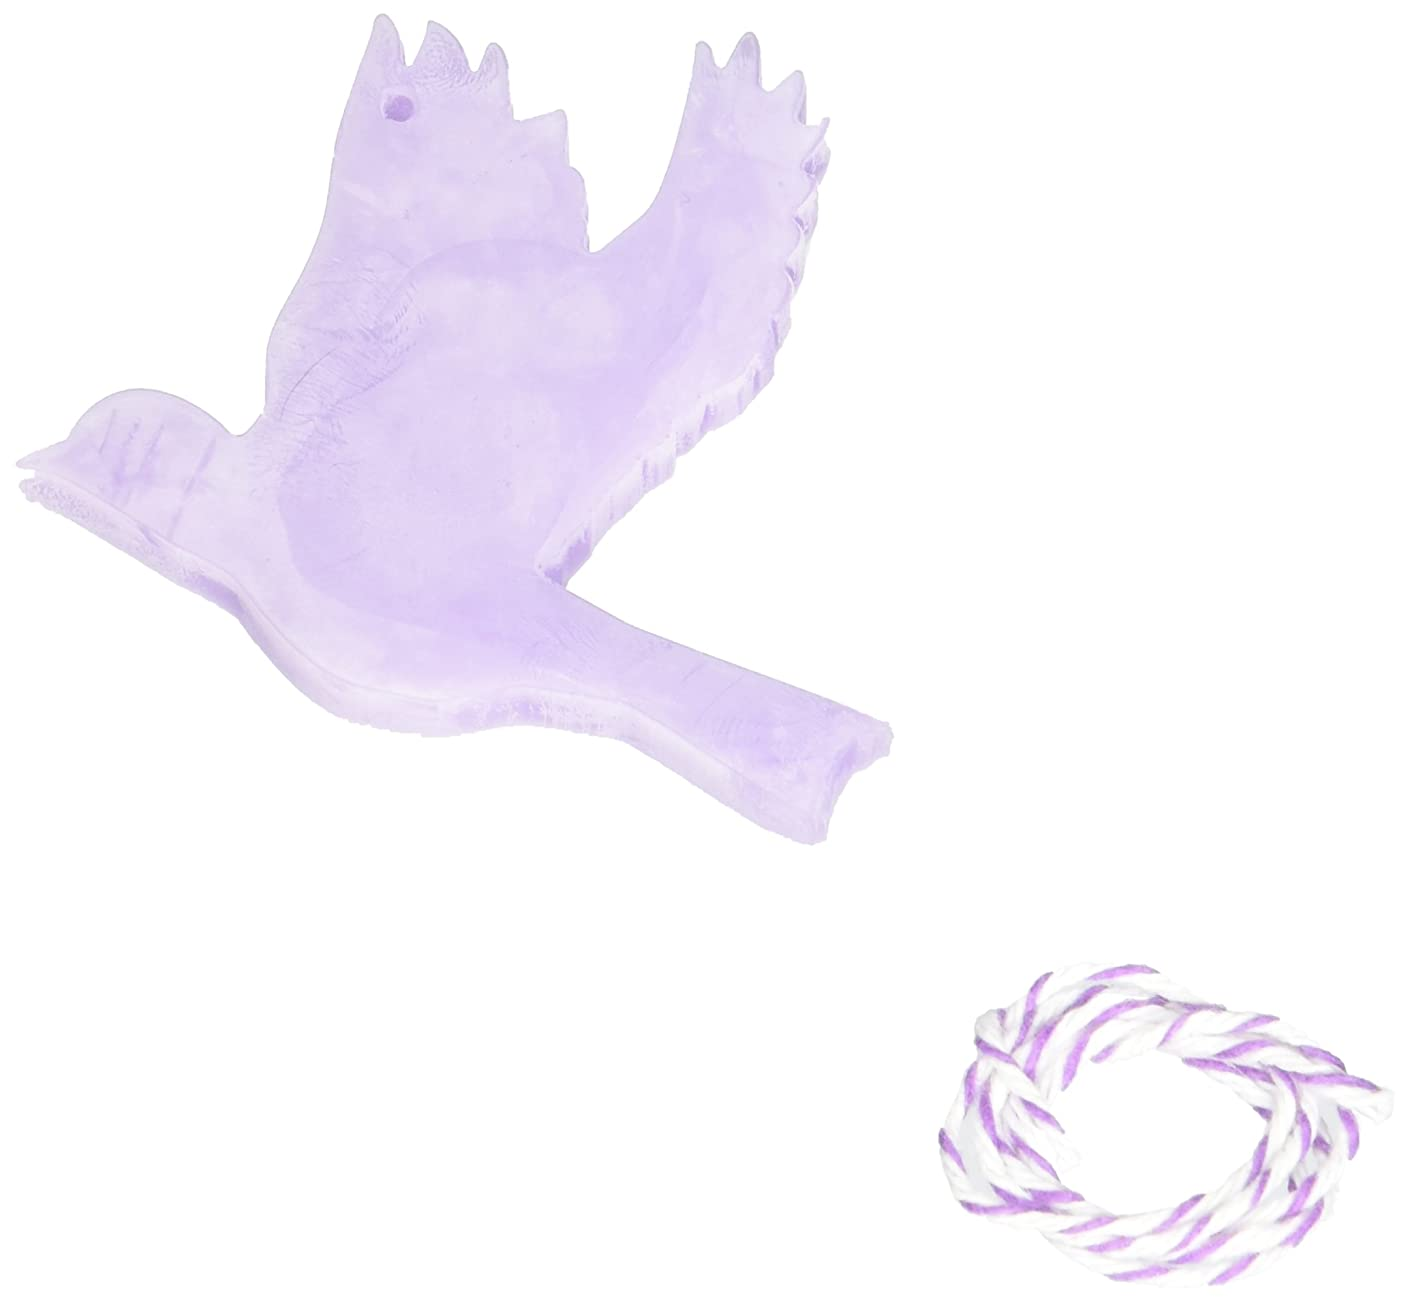 アマゾンジャングル手紙を書くGRASSE TOKYO AROMATICWAXチャーム「ハト」(PU) ラベンダー アロマティックワックス グラーストウキョウ